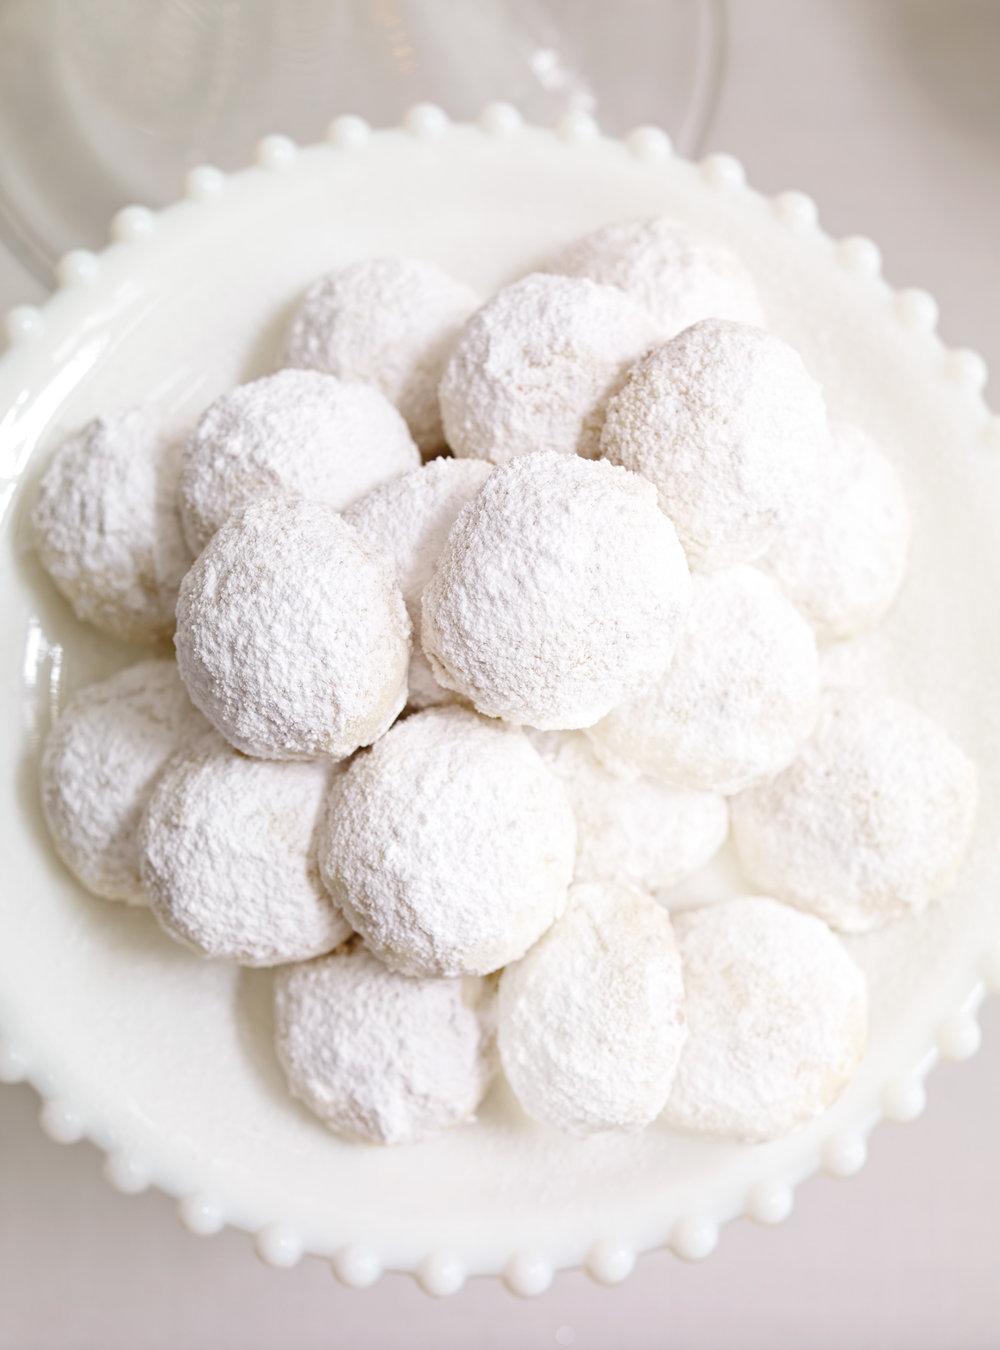 Biscuits boule de neige aux amandes | ricardo